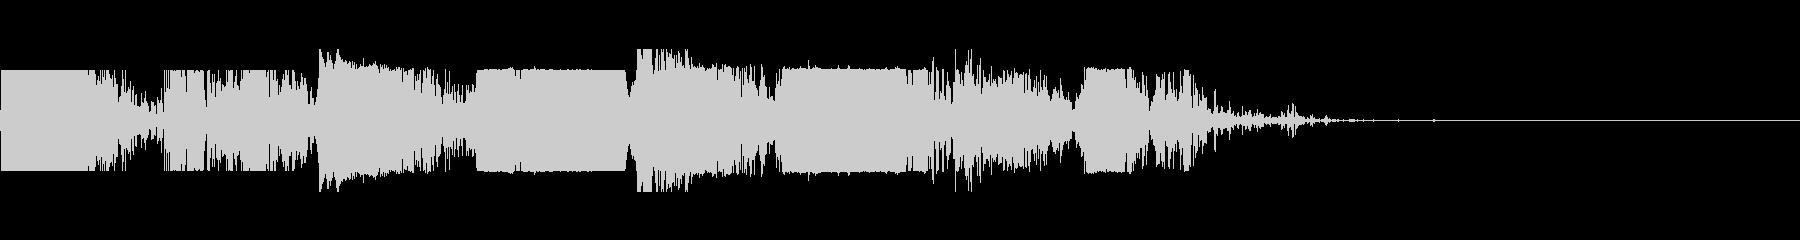 ハンドガンとサイレンサー:フォーシ...の未再生の波形